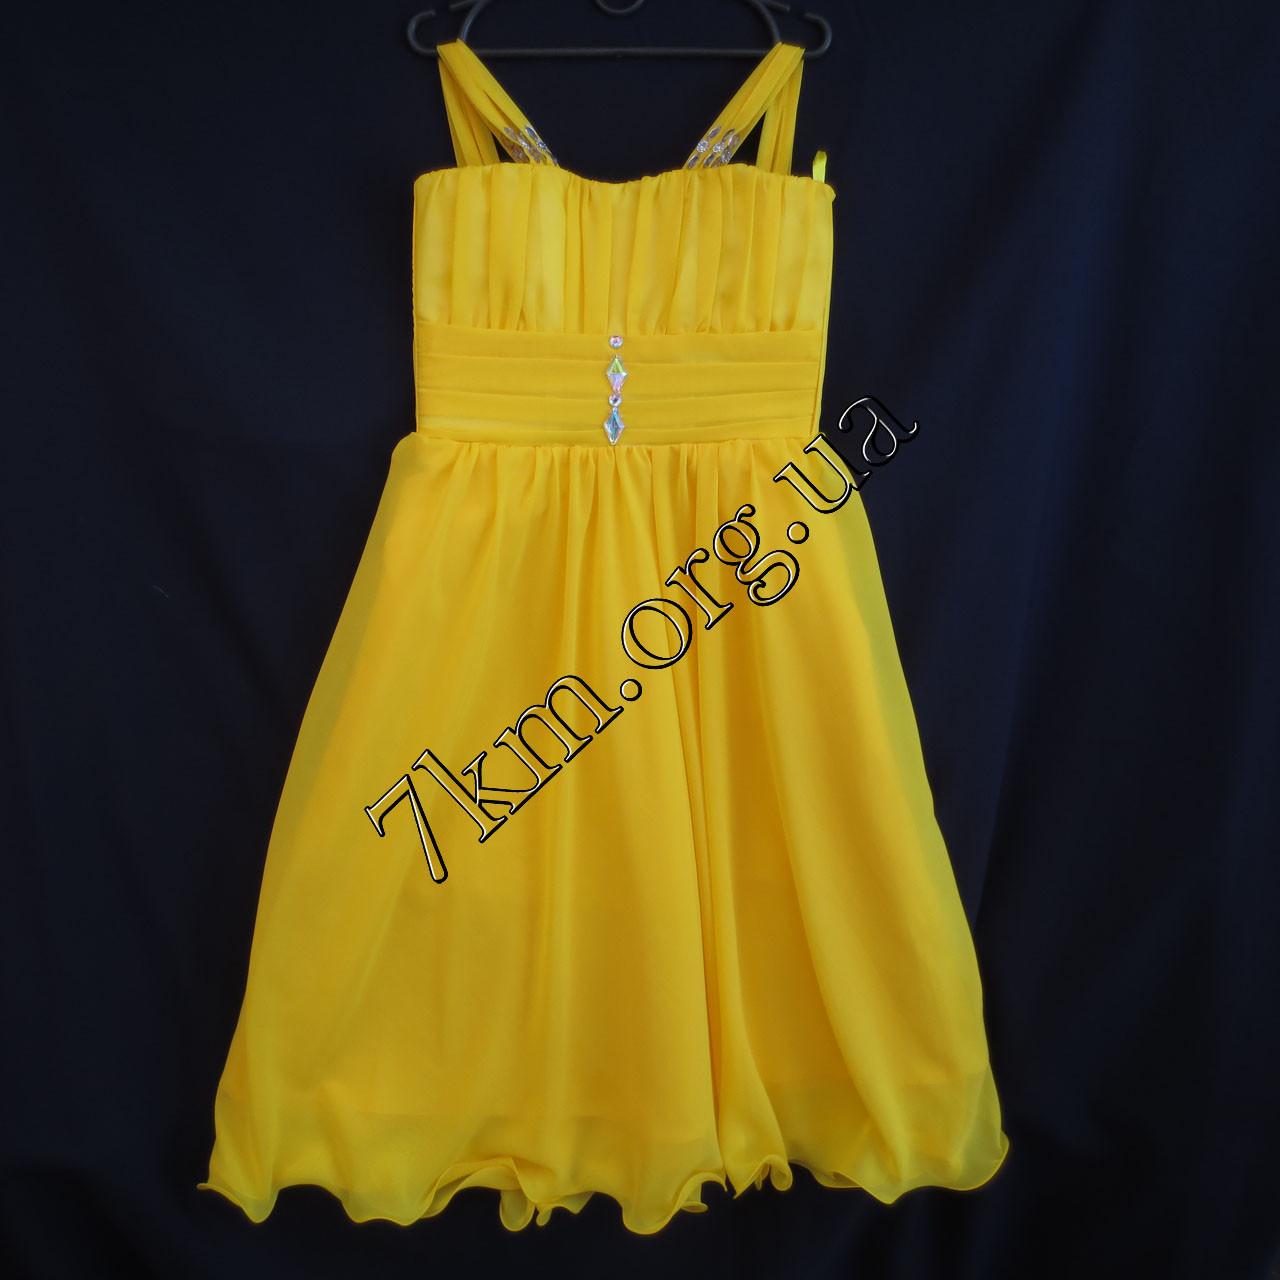 Платье нарядное коктельное детское 6 лет Грация желтое Украина оптом.